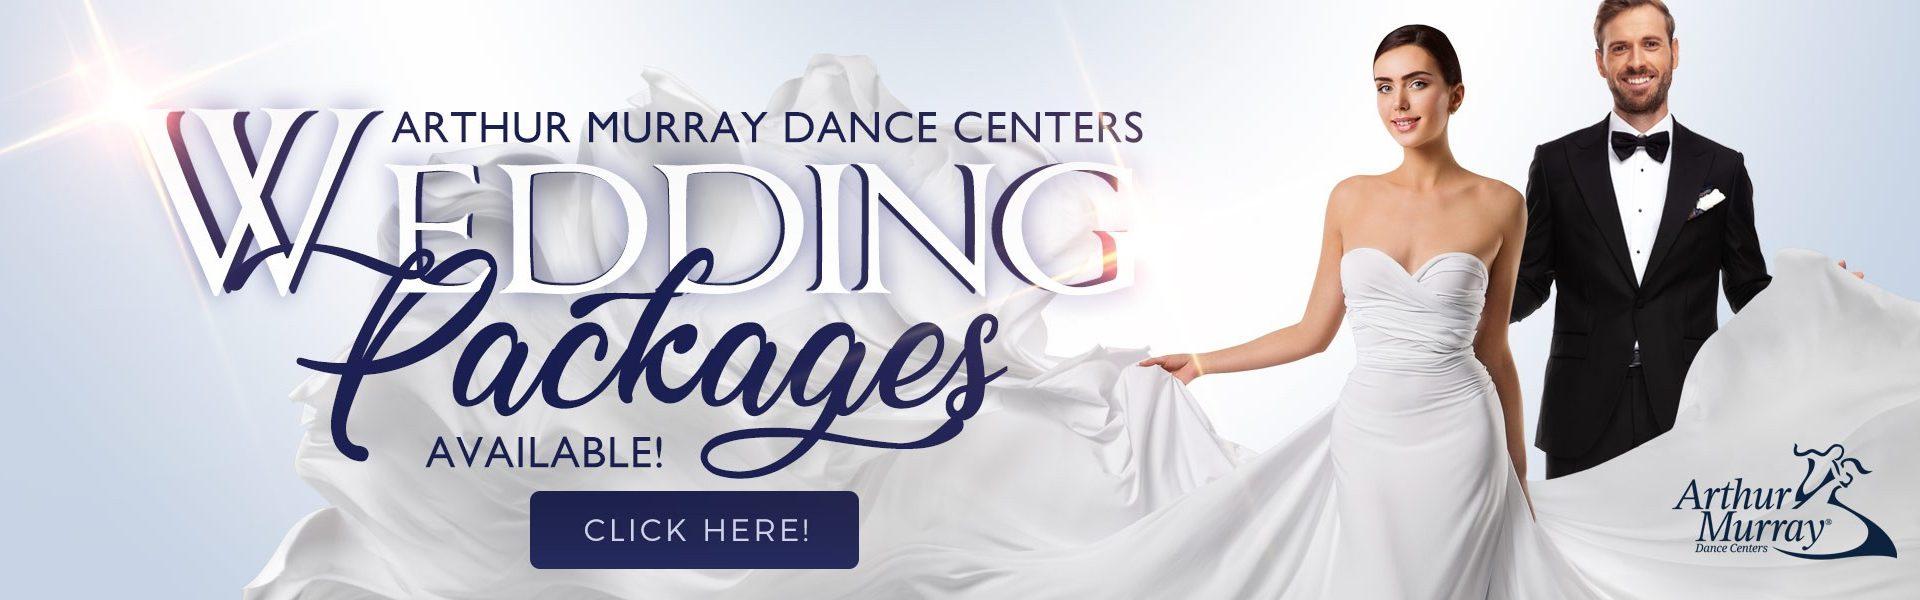 Arthur Murray Wedding Dance Packages Banner